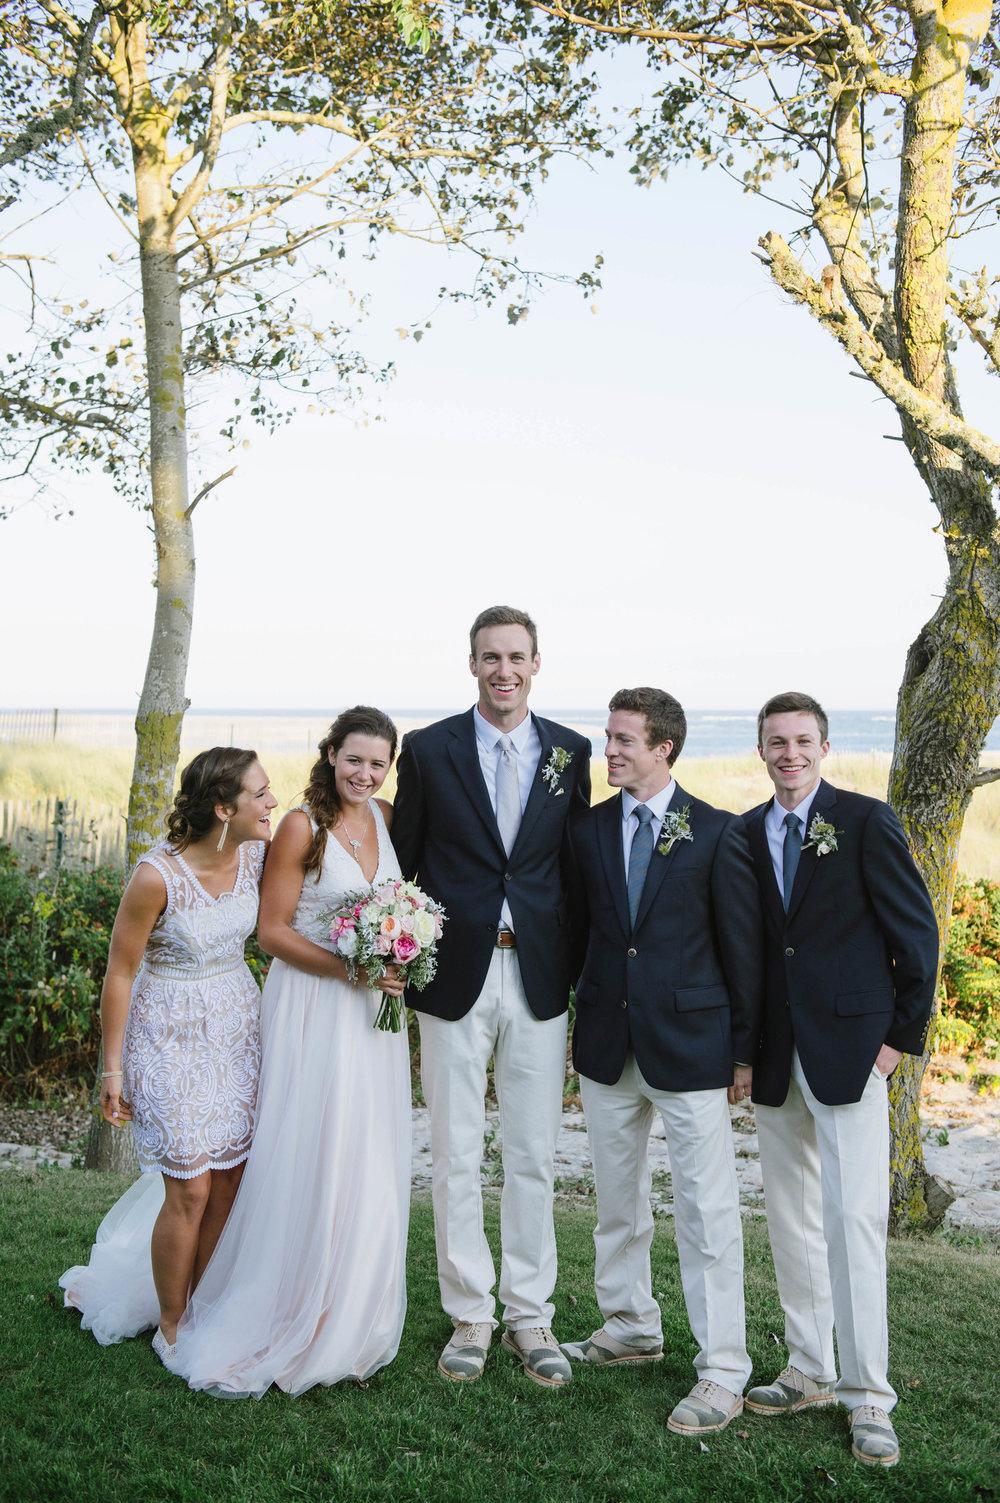 Chatham_Beach_Club_Wedding026.jpg